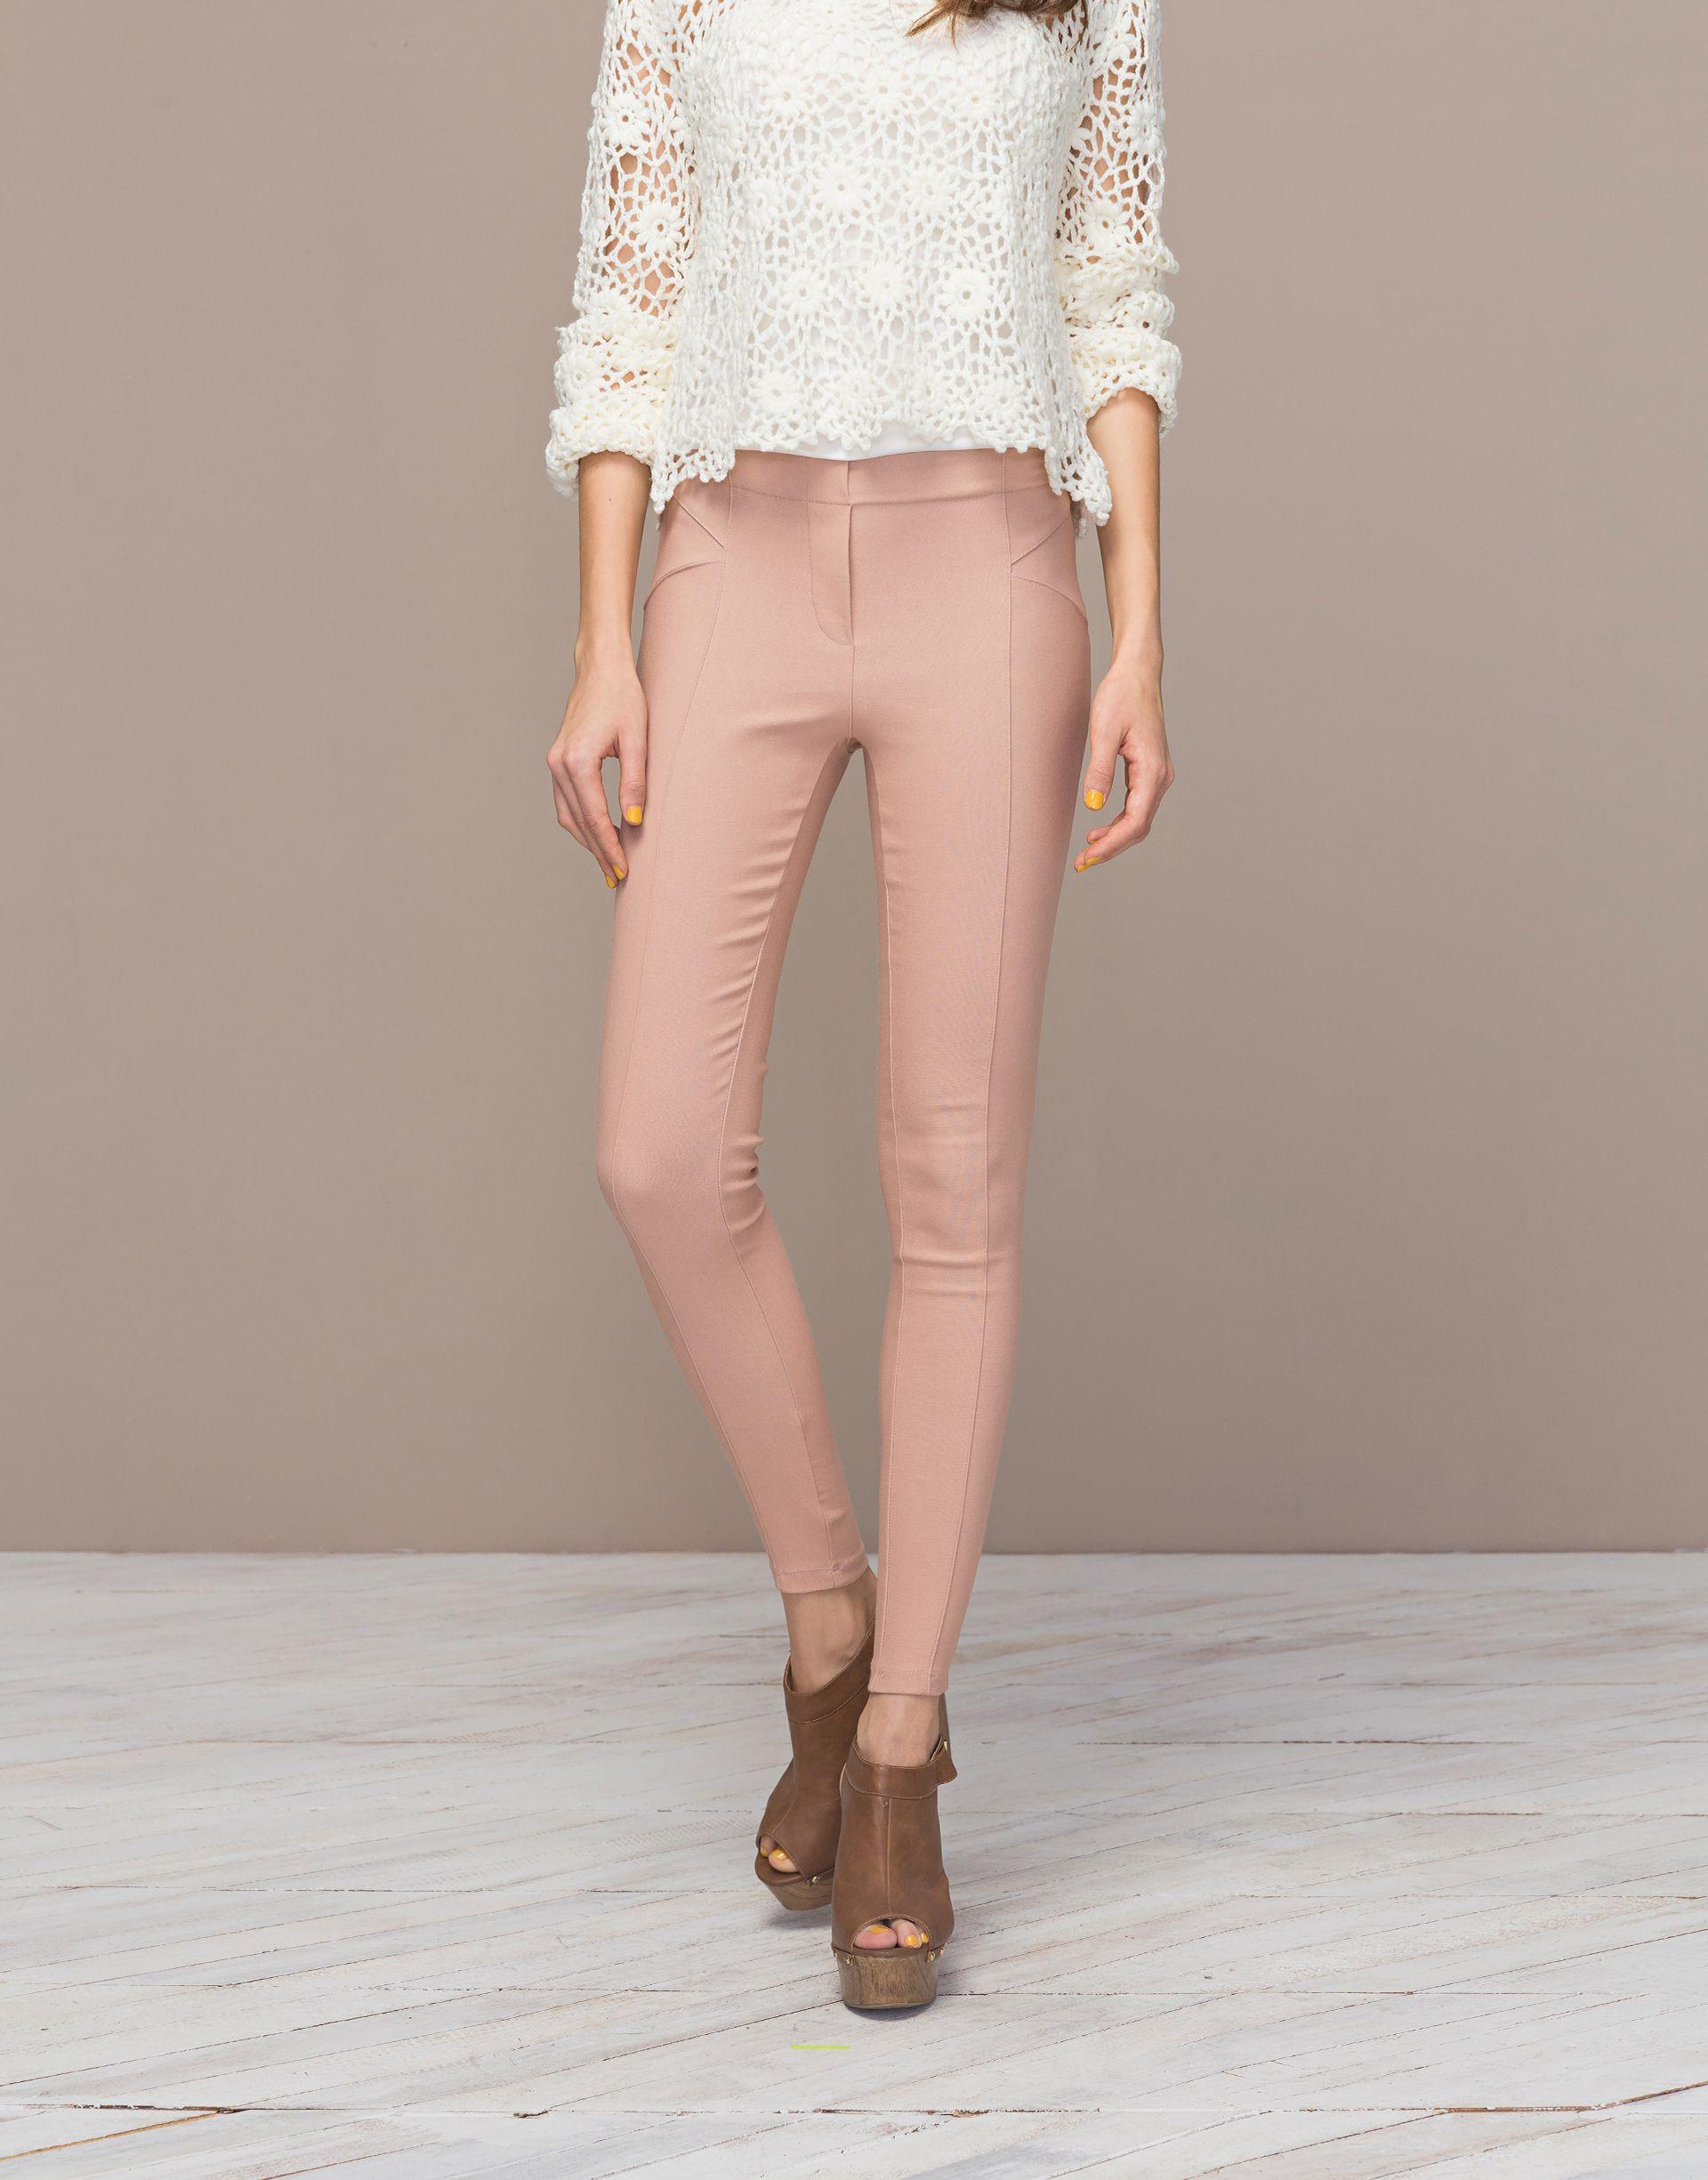 經典剪裁設計的高腰窄管褲,讓女孩們在穿搭時非常顯瘦又百搭,是衣櫥裡被必備的顯瘦百搭單品喔